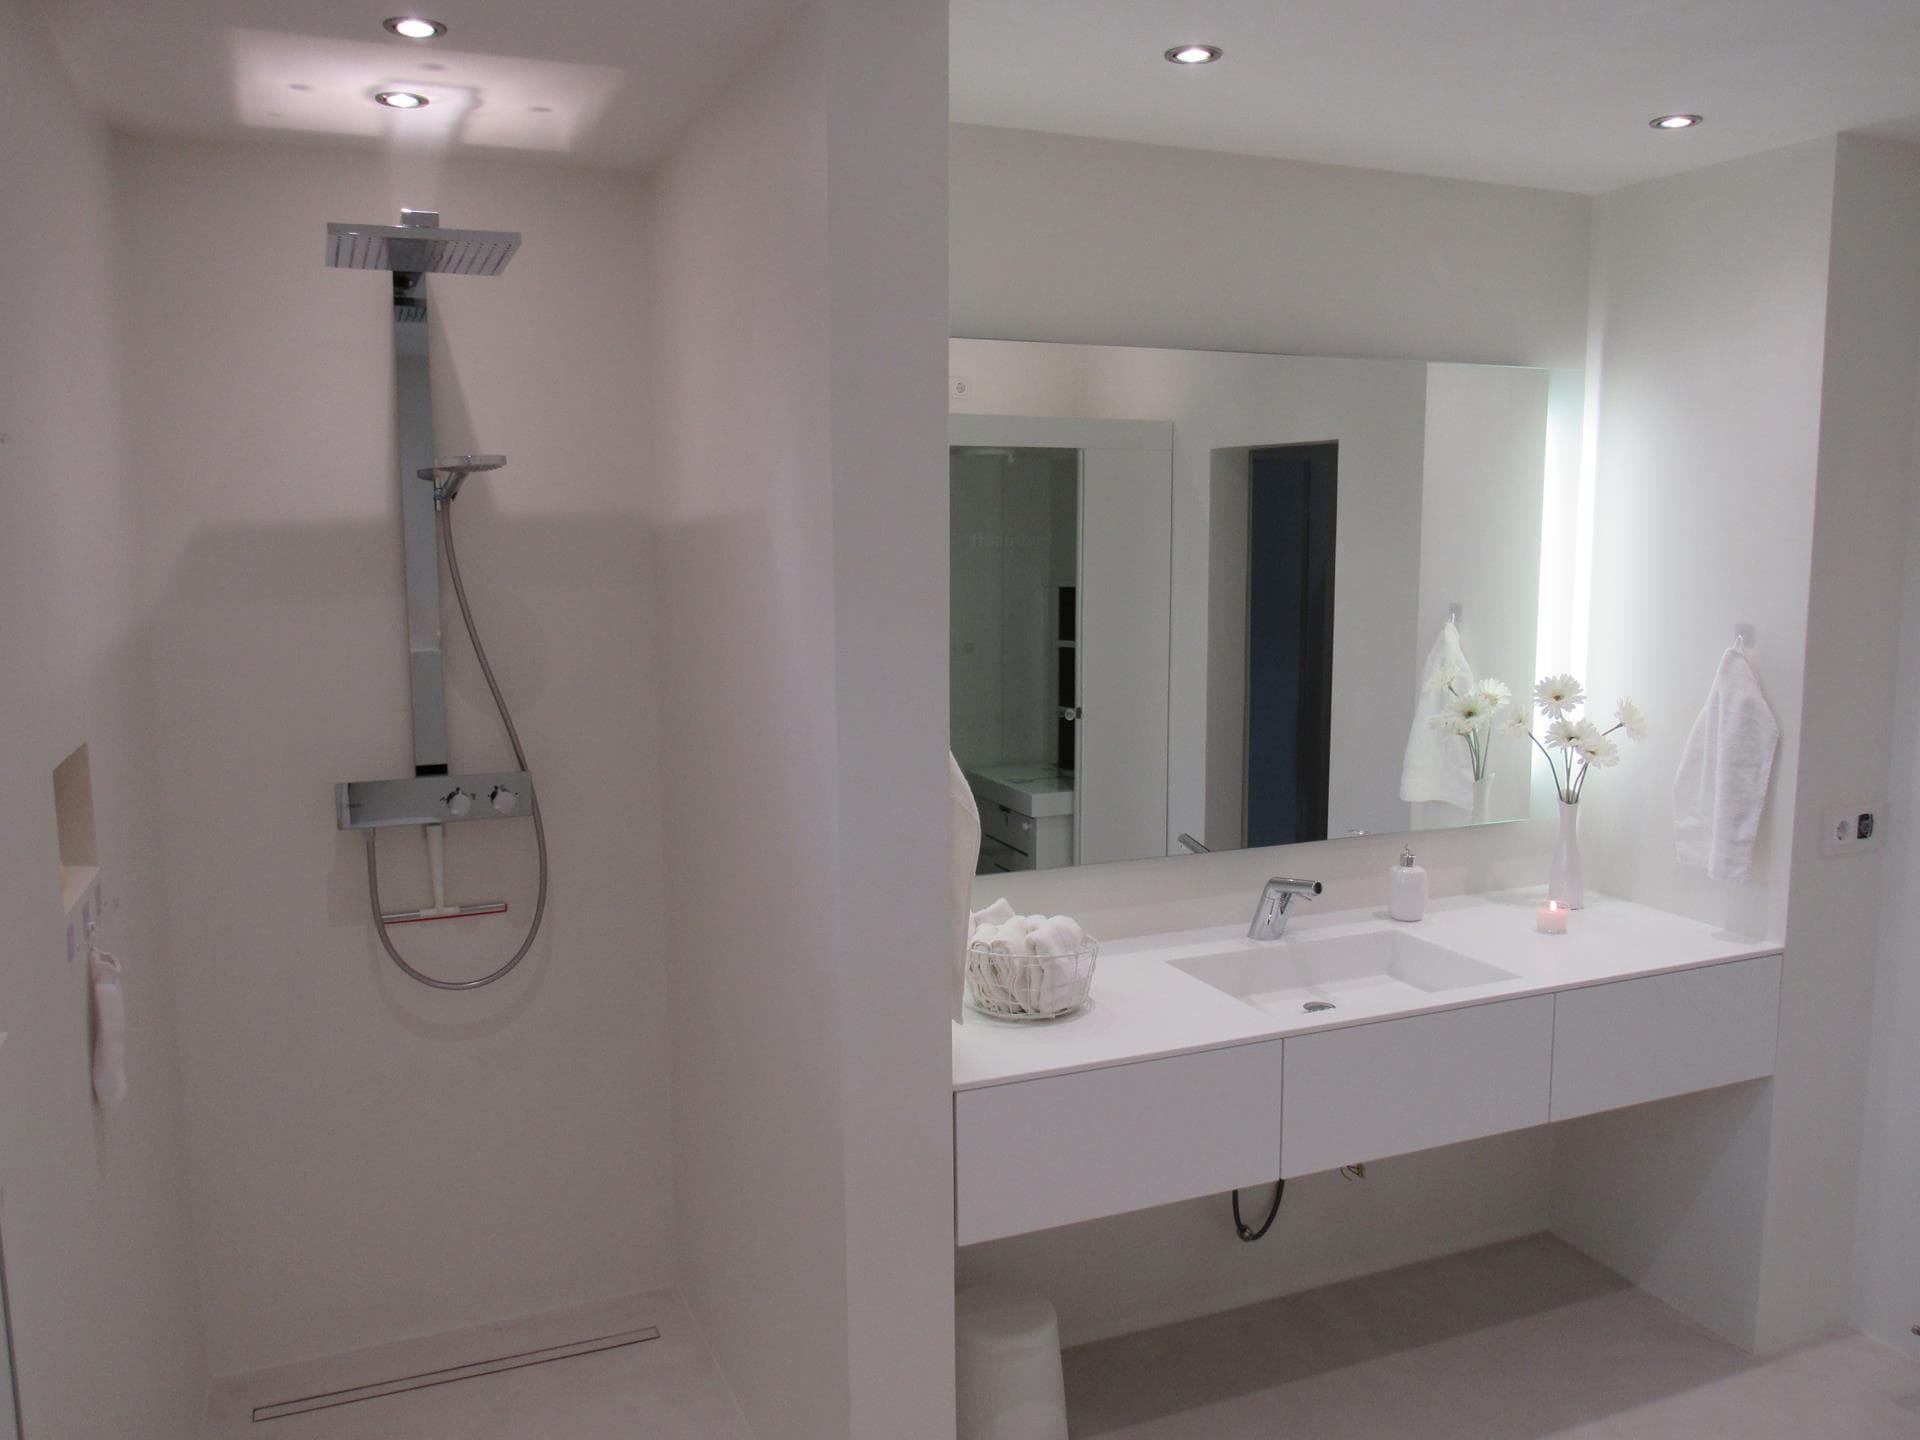 fugenlose badezimmer der gestaltungsmaler. Black Bedroom Furniture Sets. Home Design Ideas